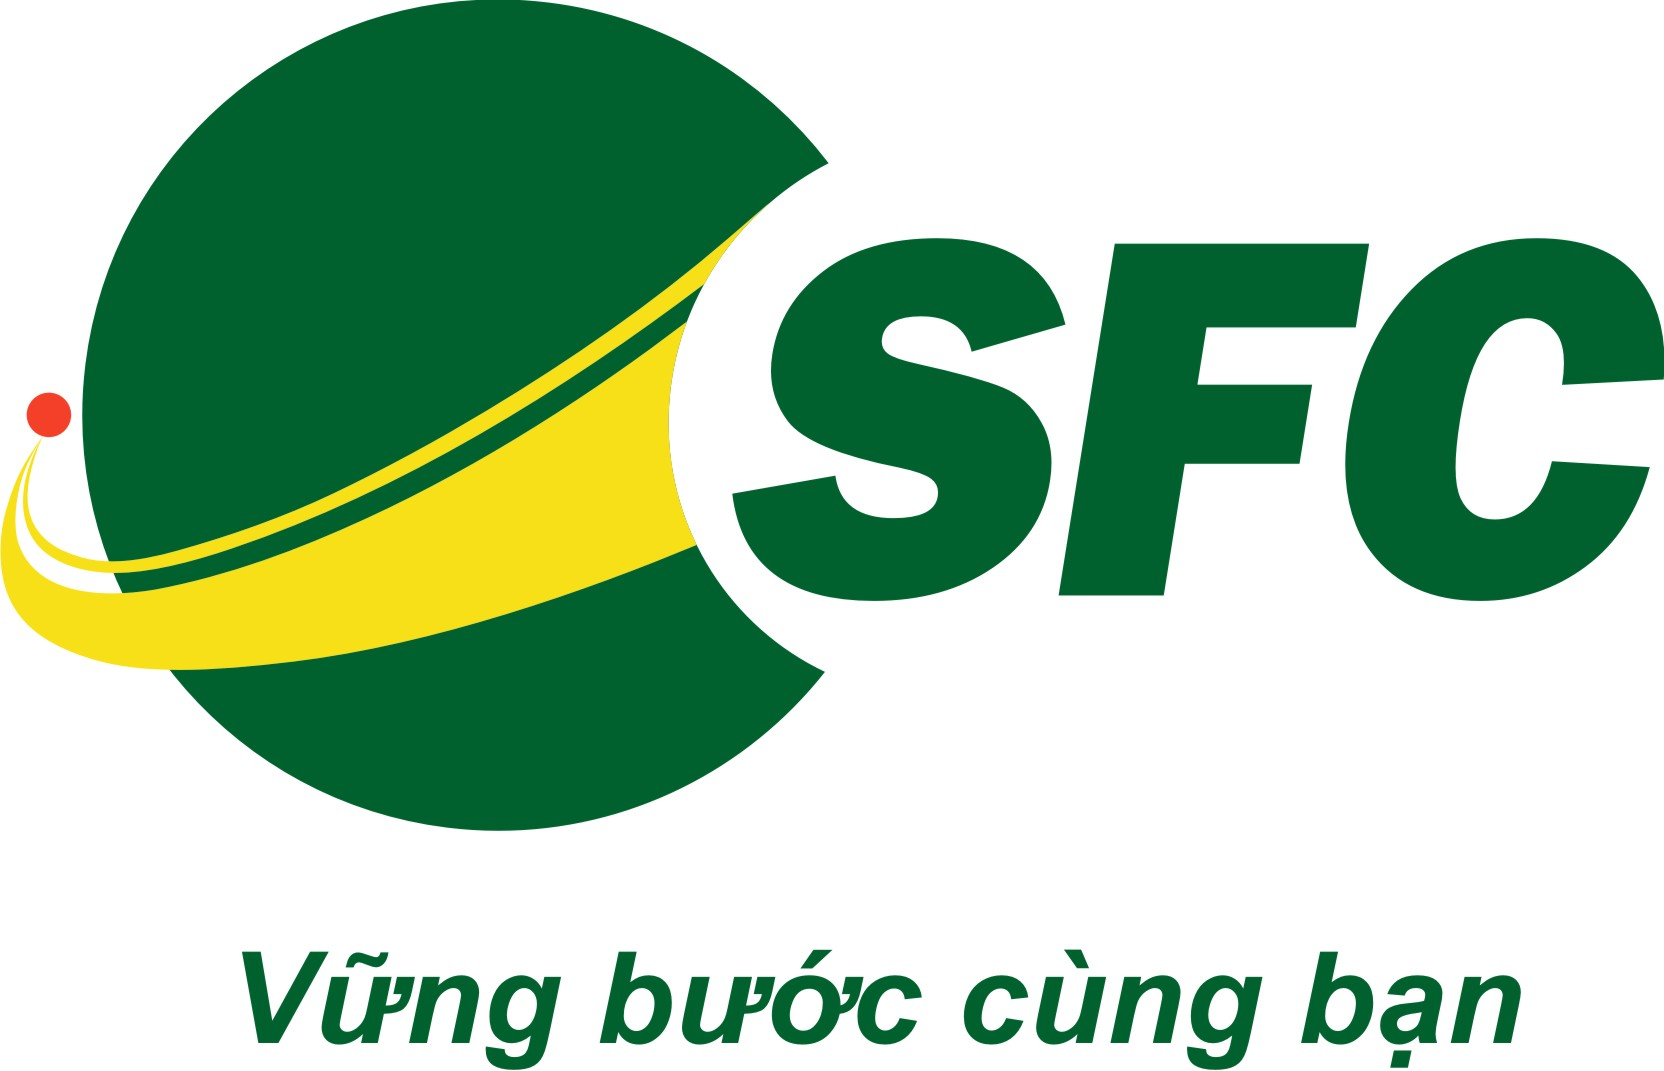 Công ty Cổ phần Nhiên liệu Sài Gòn